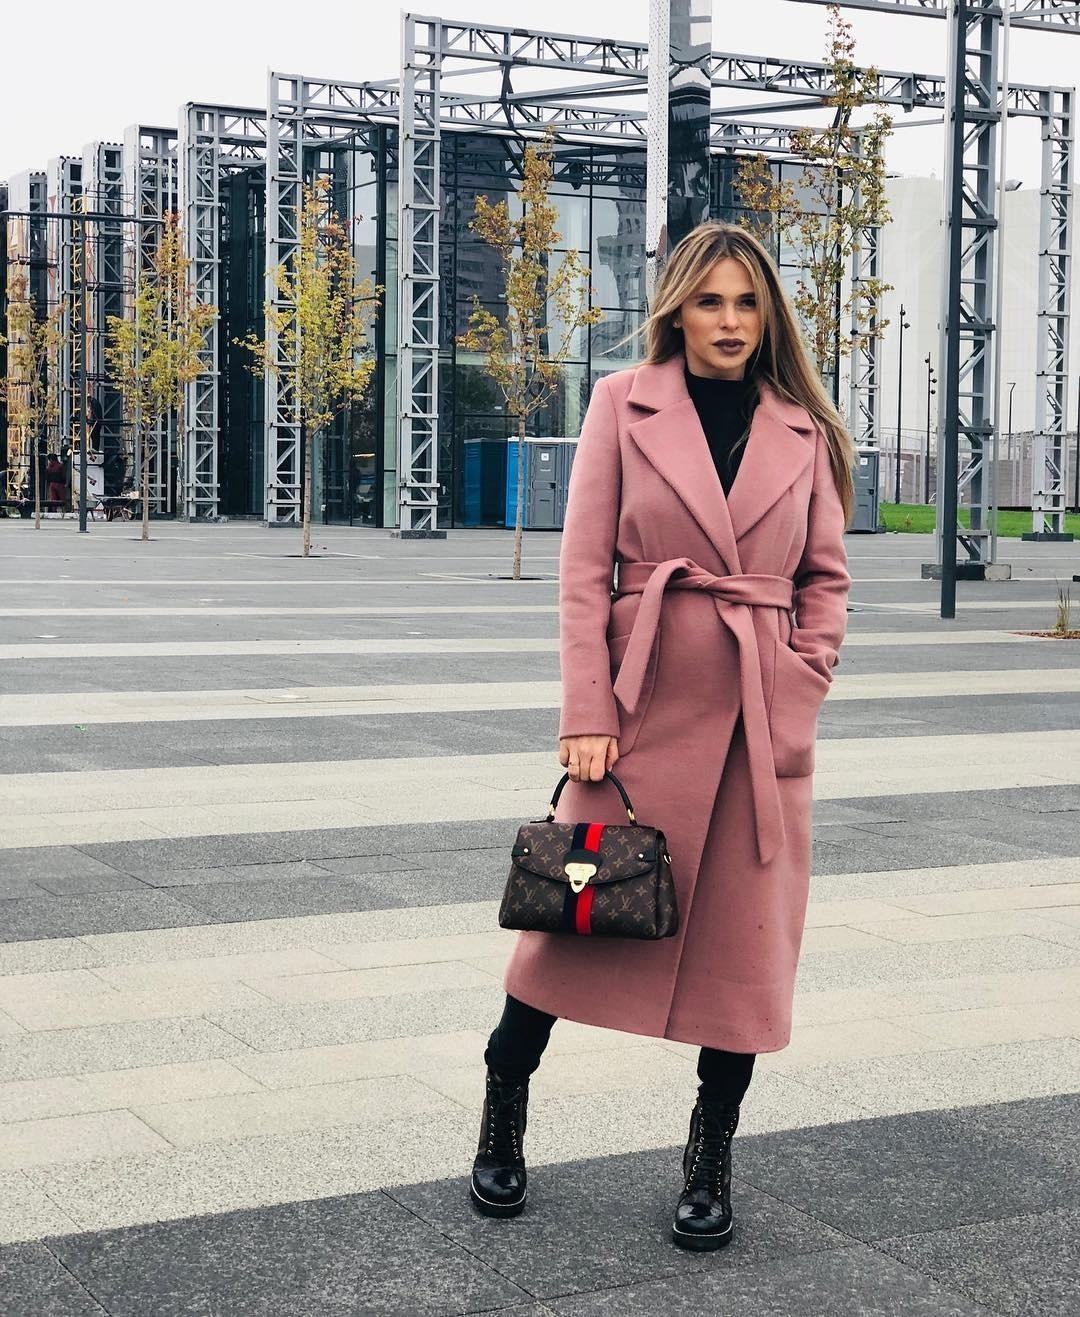 Актриса признается, что любит осень завозможность обновить гардероб икупить новые красивые пальто. Длявторого образа Анна выбрала длинное шерстяное пальто пудрово-розового цвета спояс...